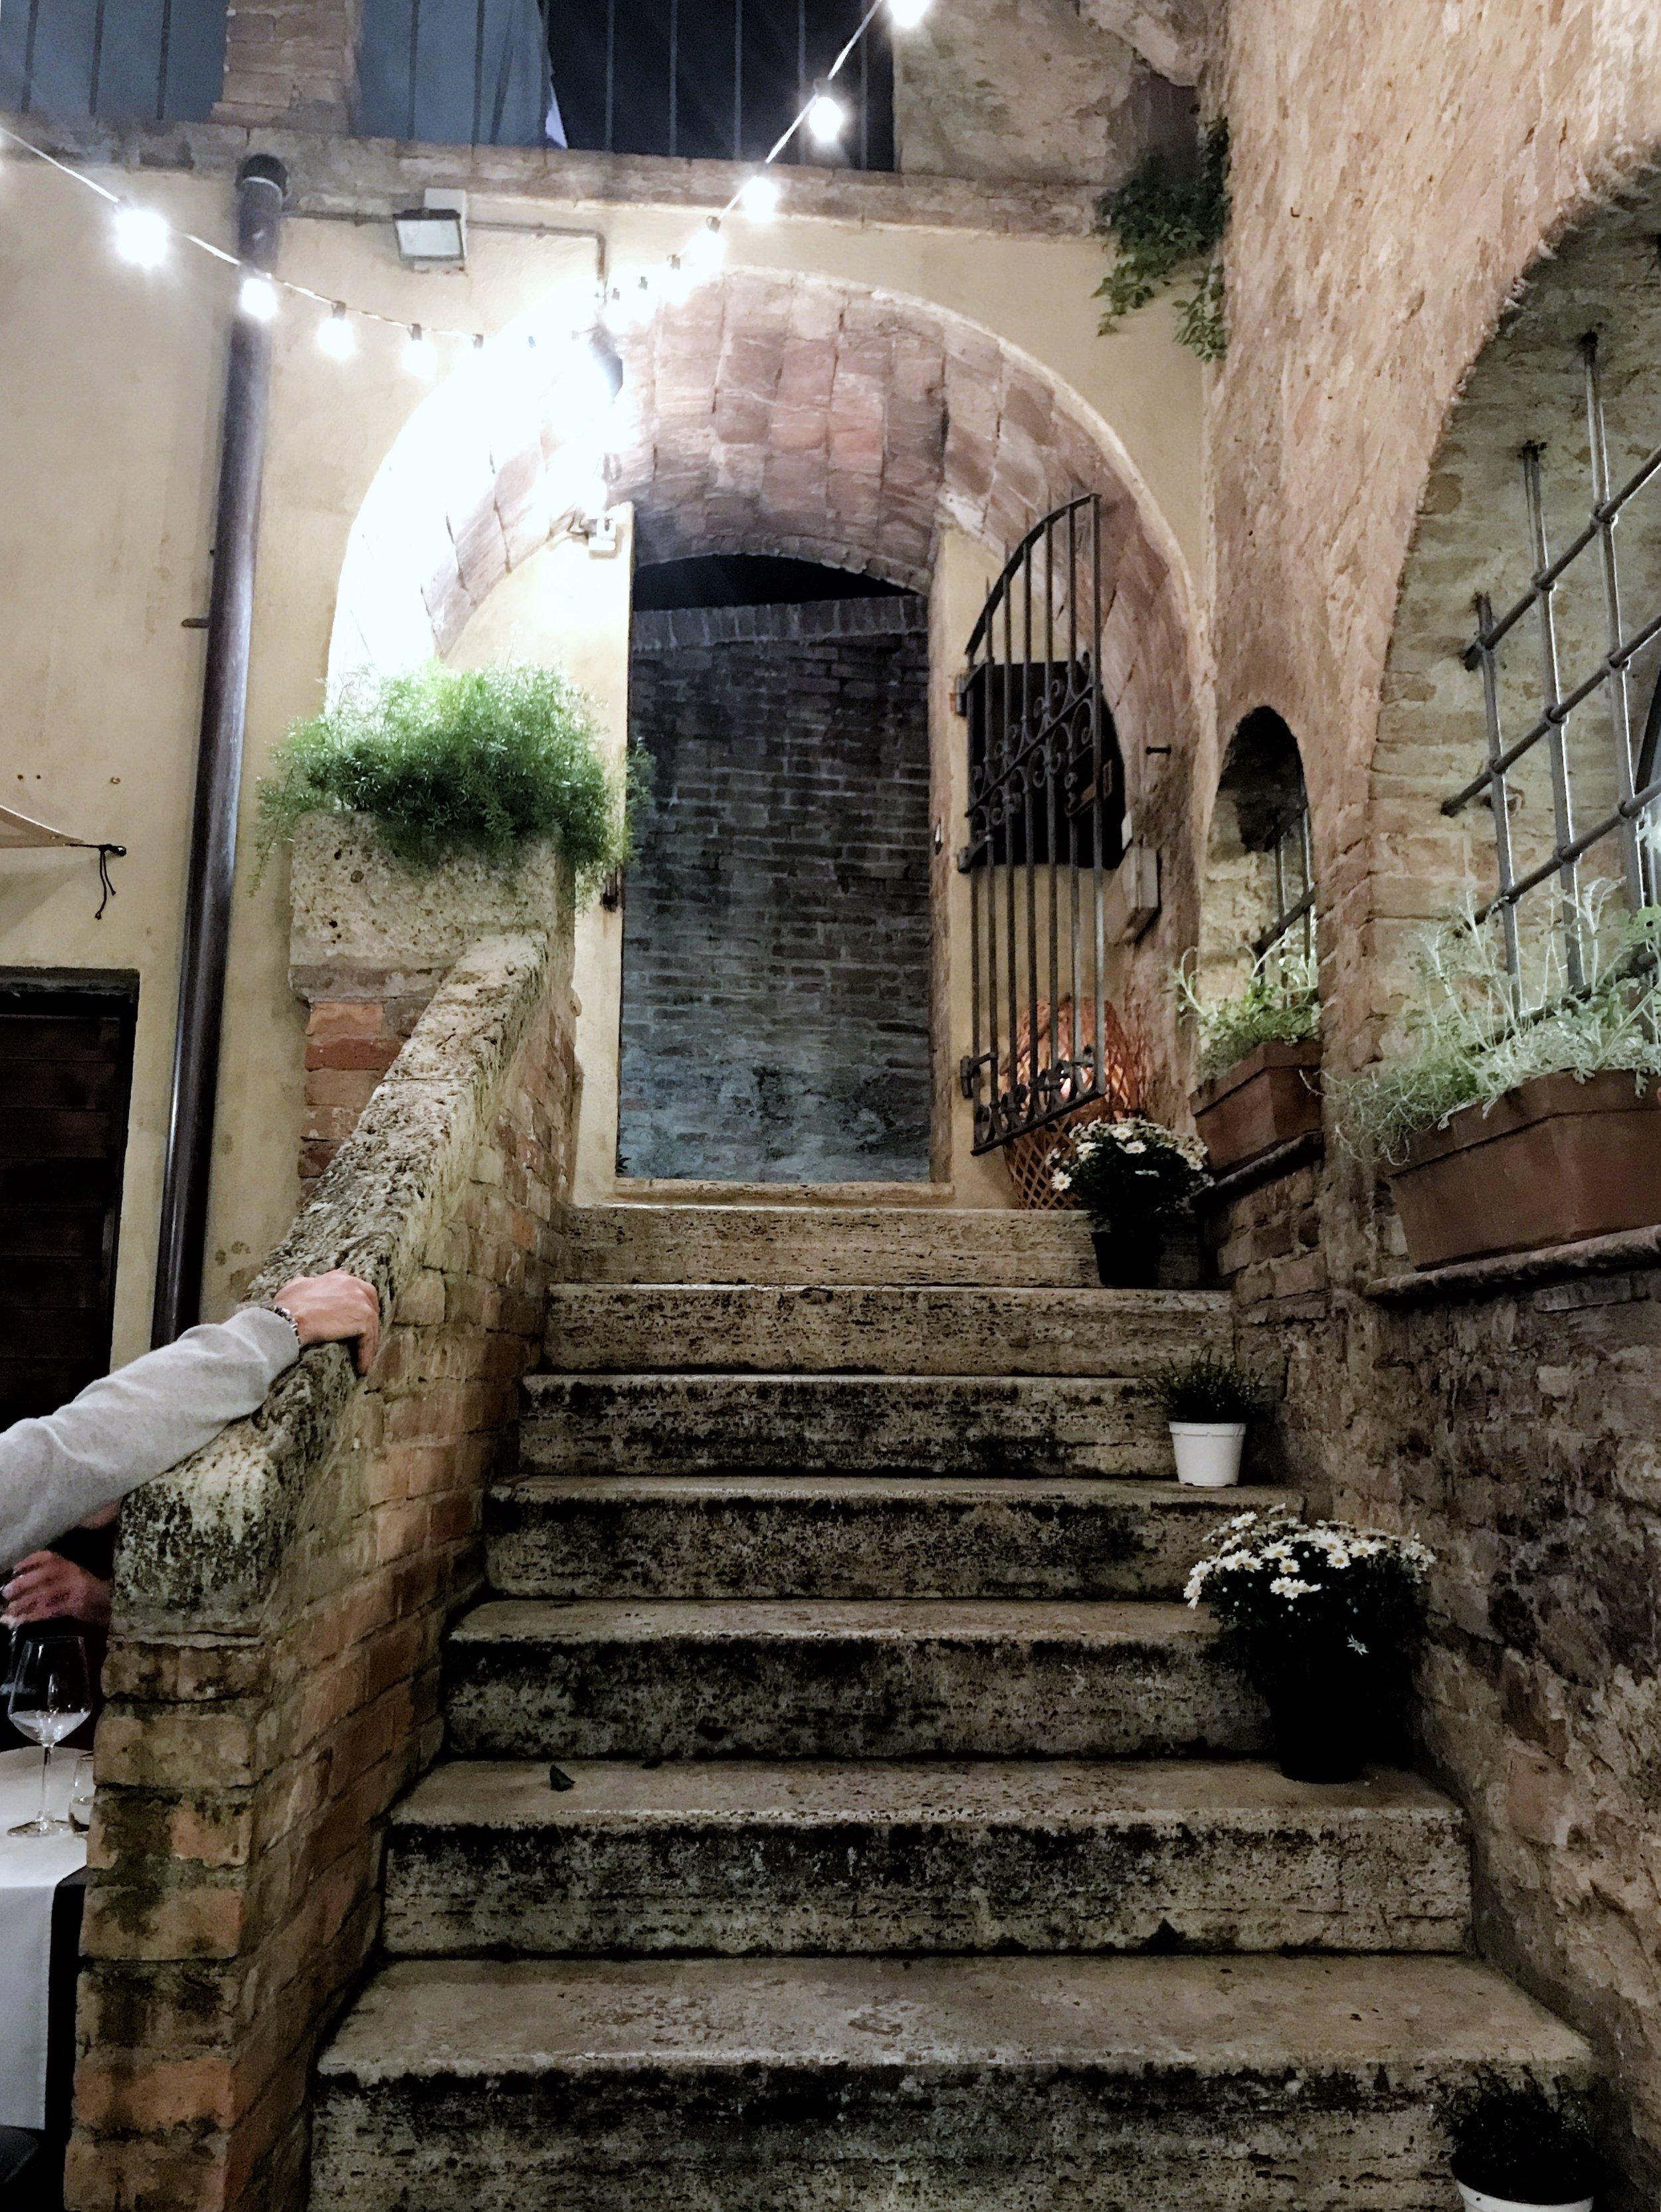 Il Campaccio restaurant in Siena, Italy